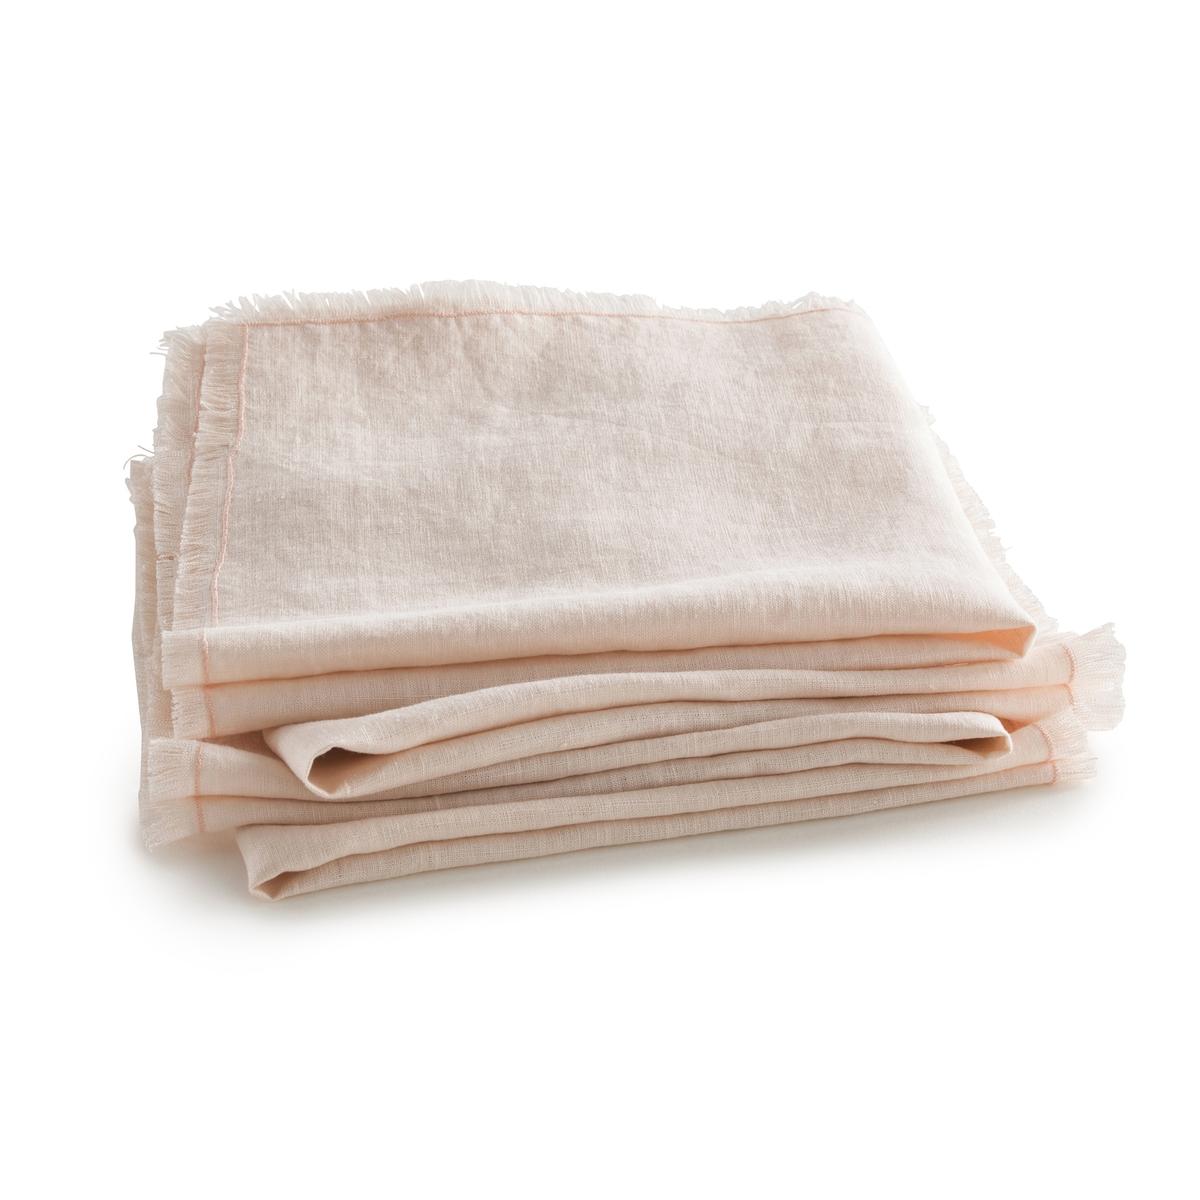 4 столовых салфетки из стиранного льна, Yastigi4 столовых салфетки Yastigi . Они сочетают натуральную мягкость стиранного льна и изысканность отделки бахромой .Материал :- 100% стираный лен Отделка :- Бахрома с 4 сторон .Размеры :- 40 x 40 см<br><br>Цвет: белый